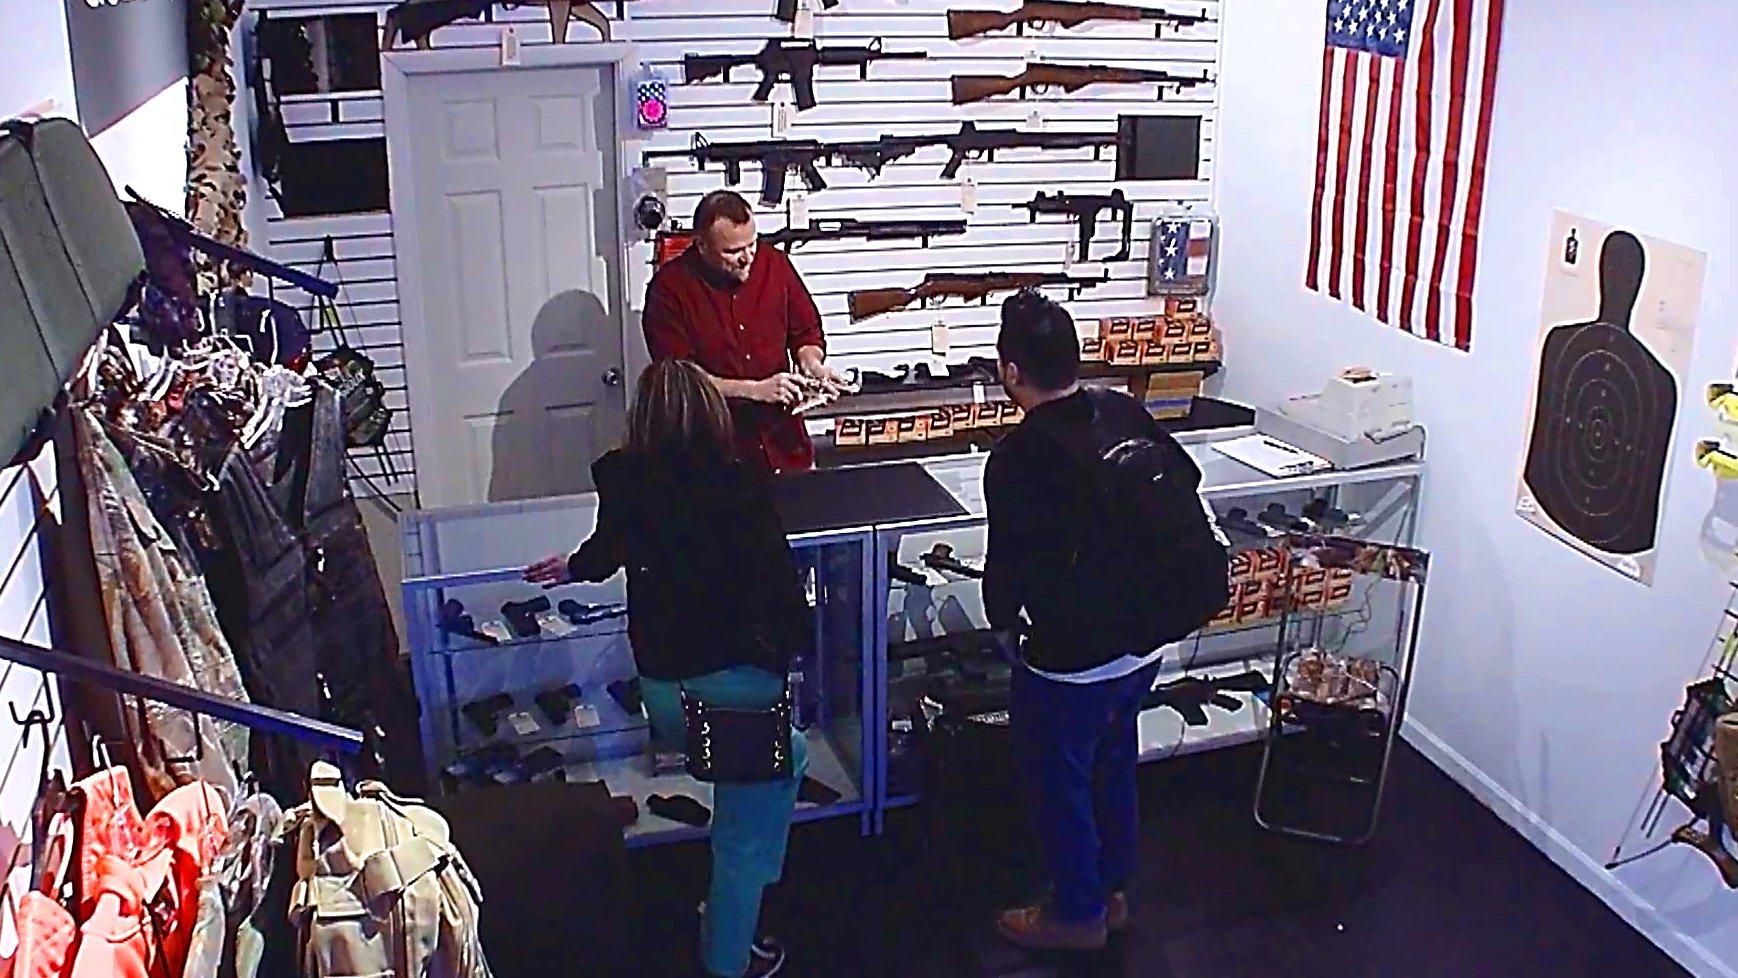 Ein US-Waffengeschäft.